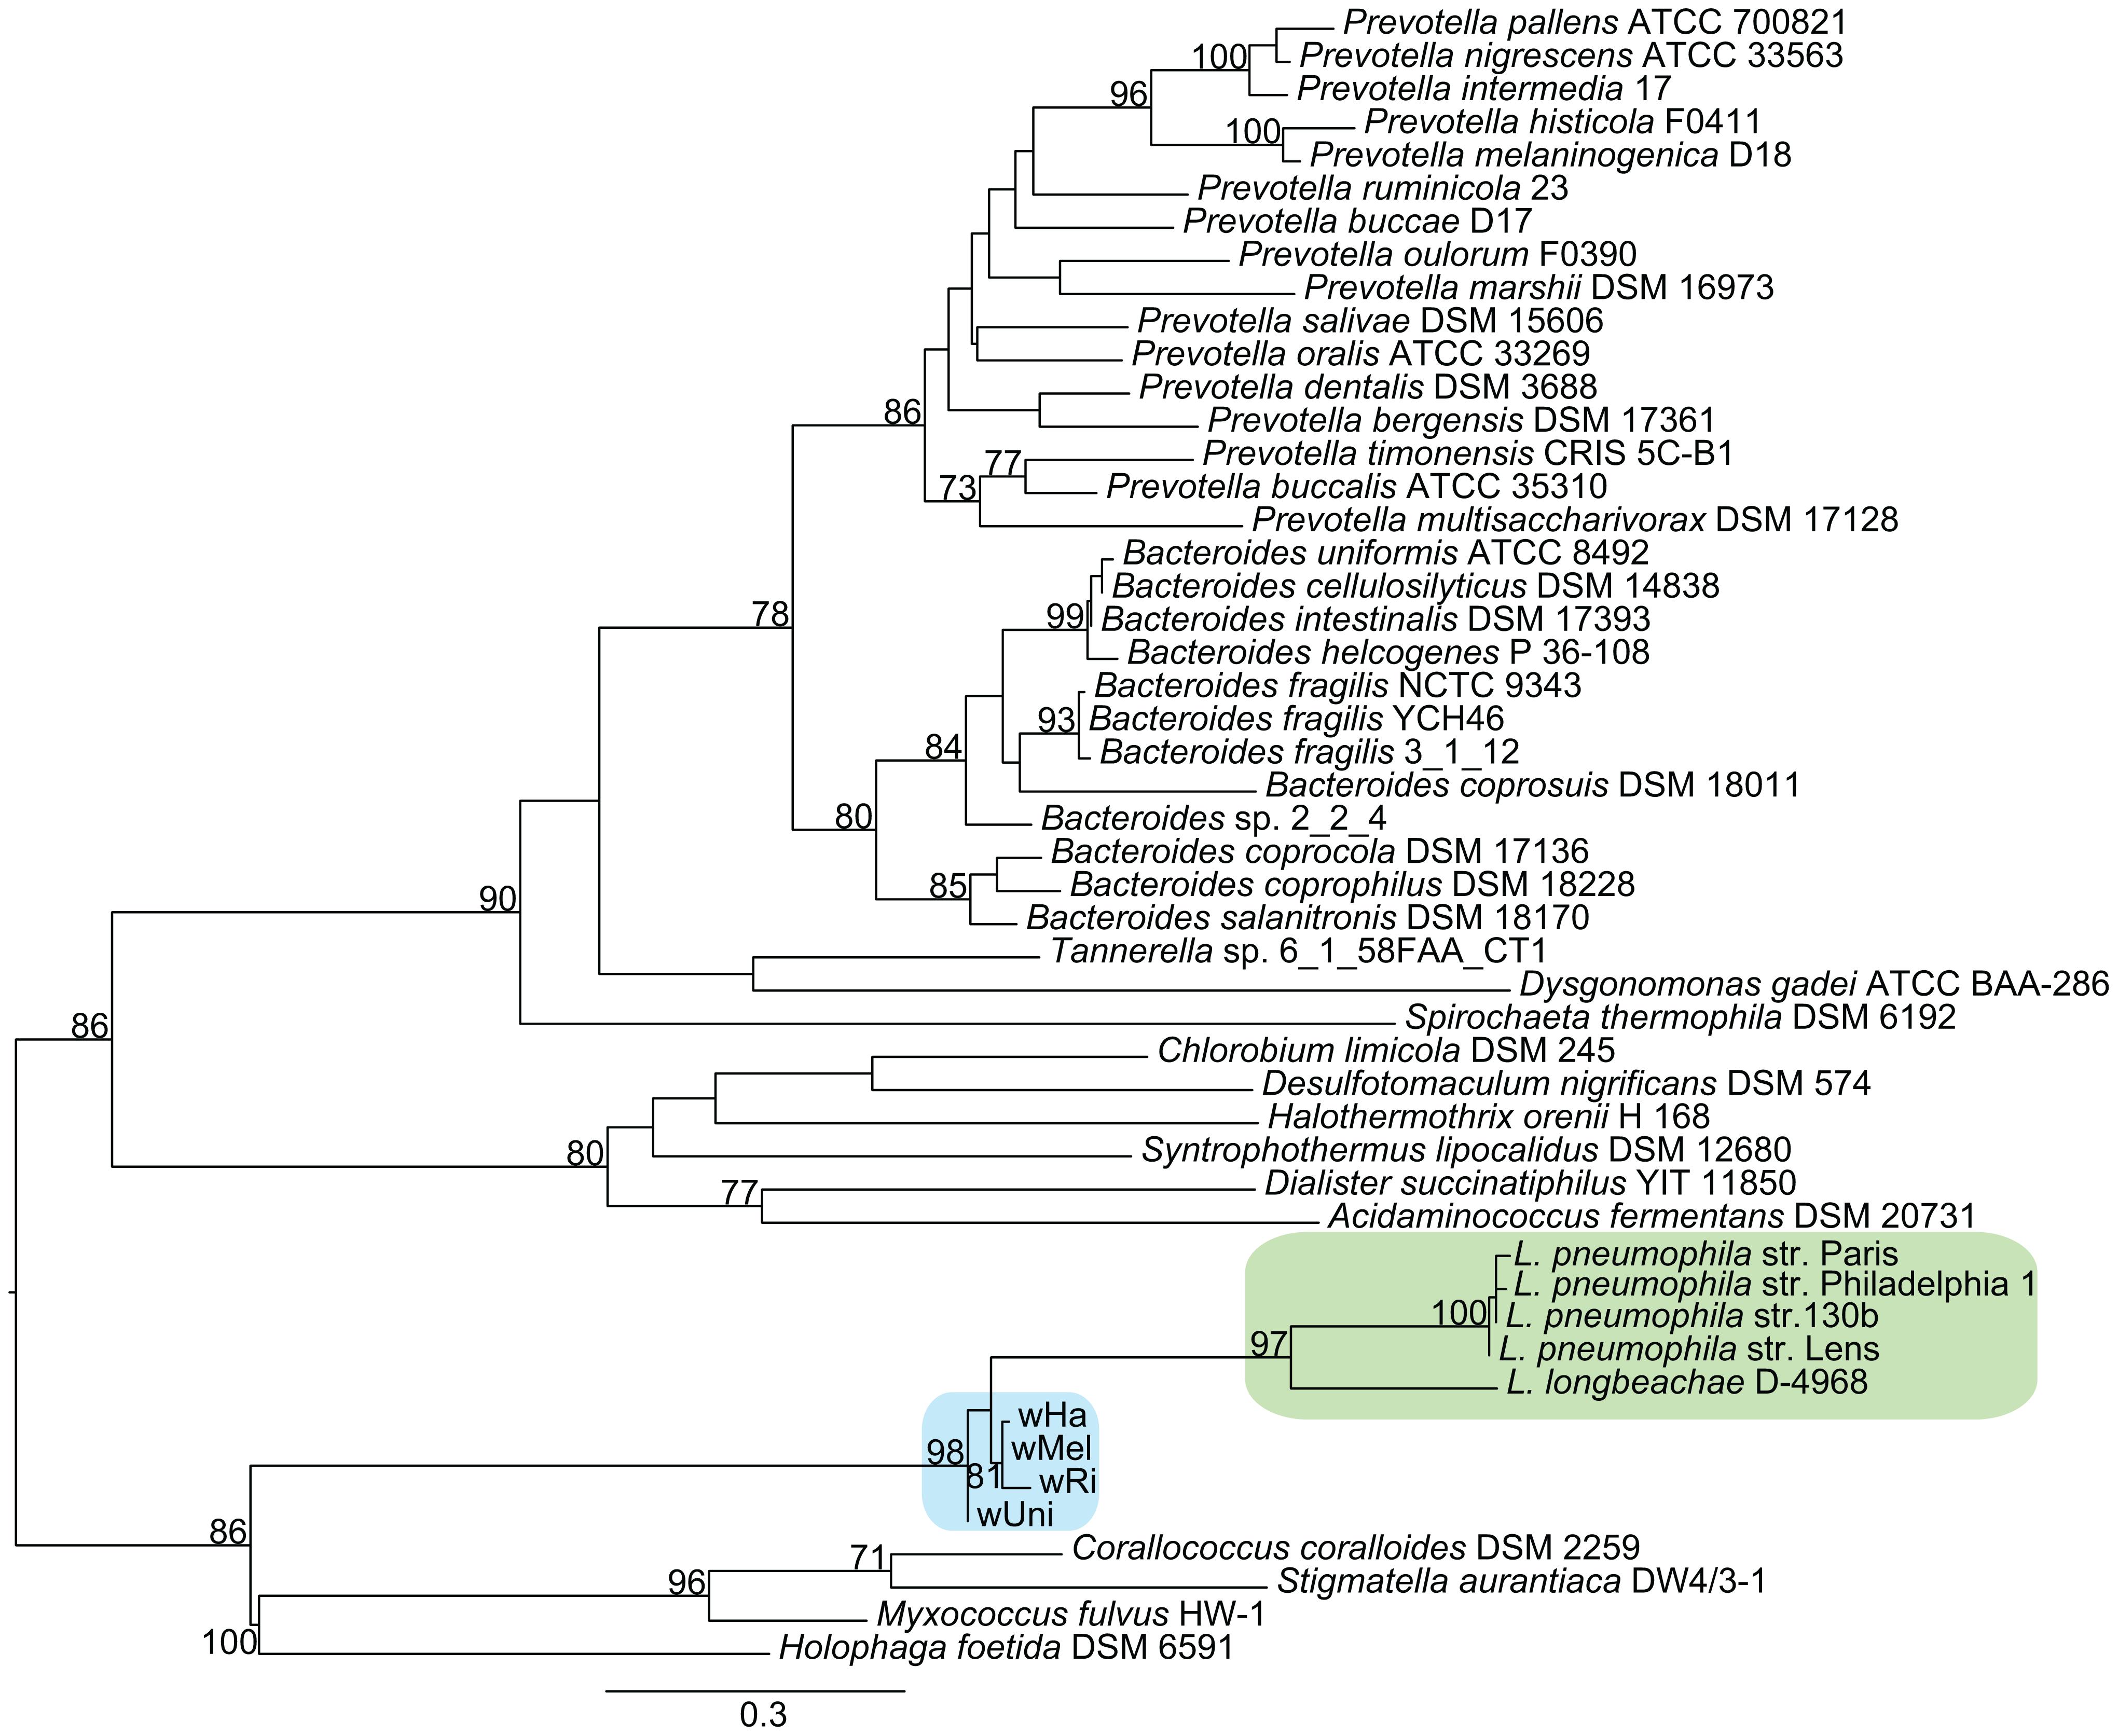 Phylogenetic analysis of the ArgR repressor gene.